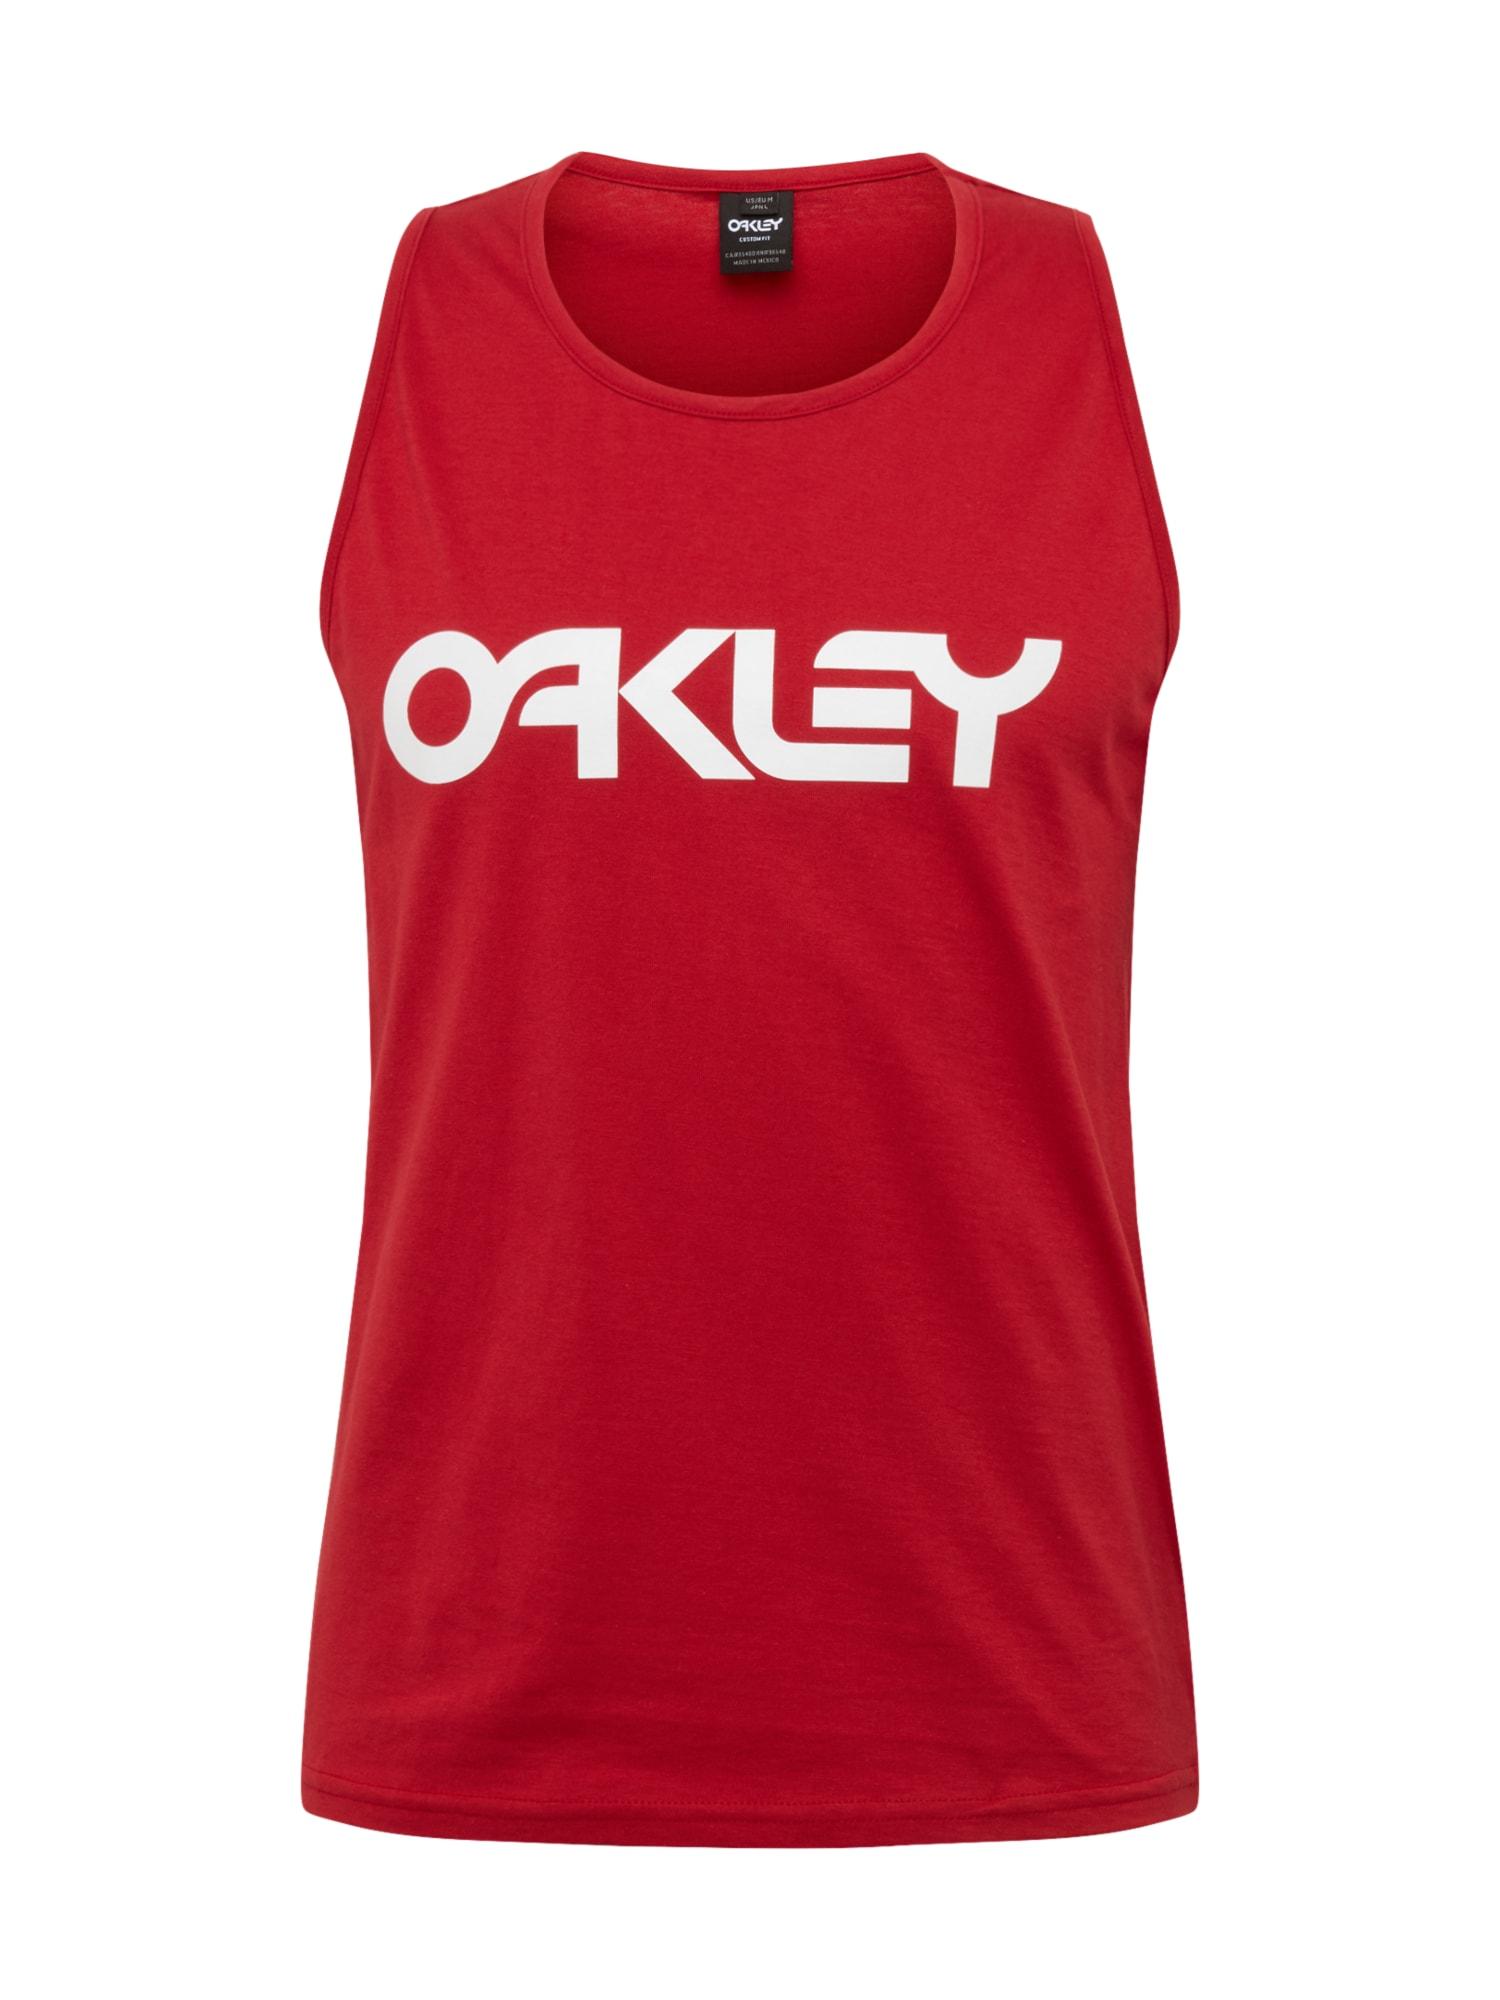 OAKLEY Sportiniai marškinėliai 'MARK II' raudona